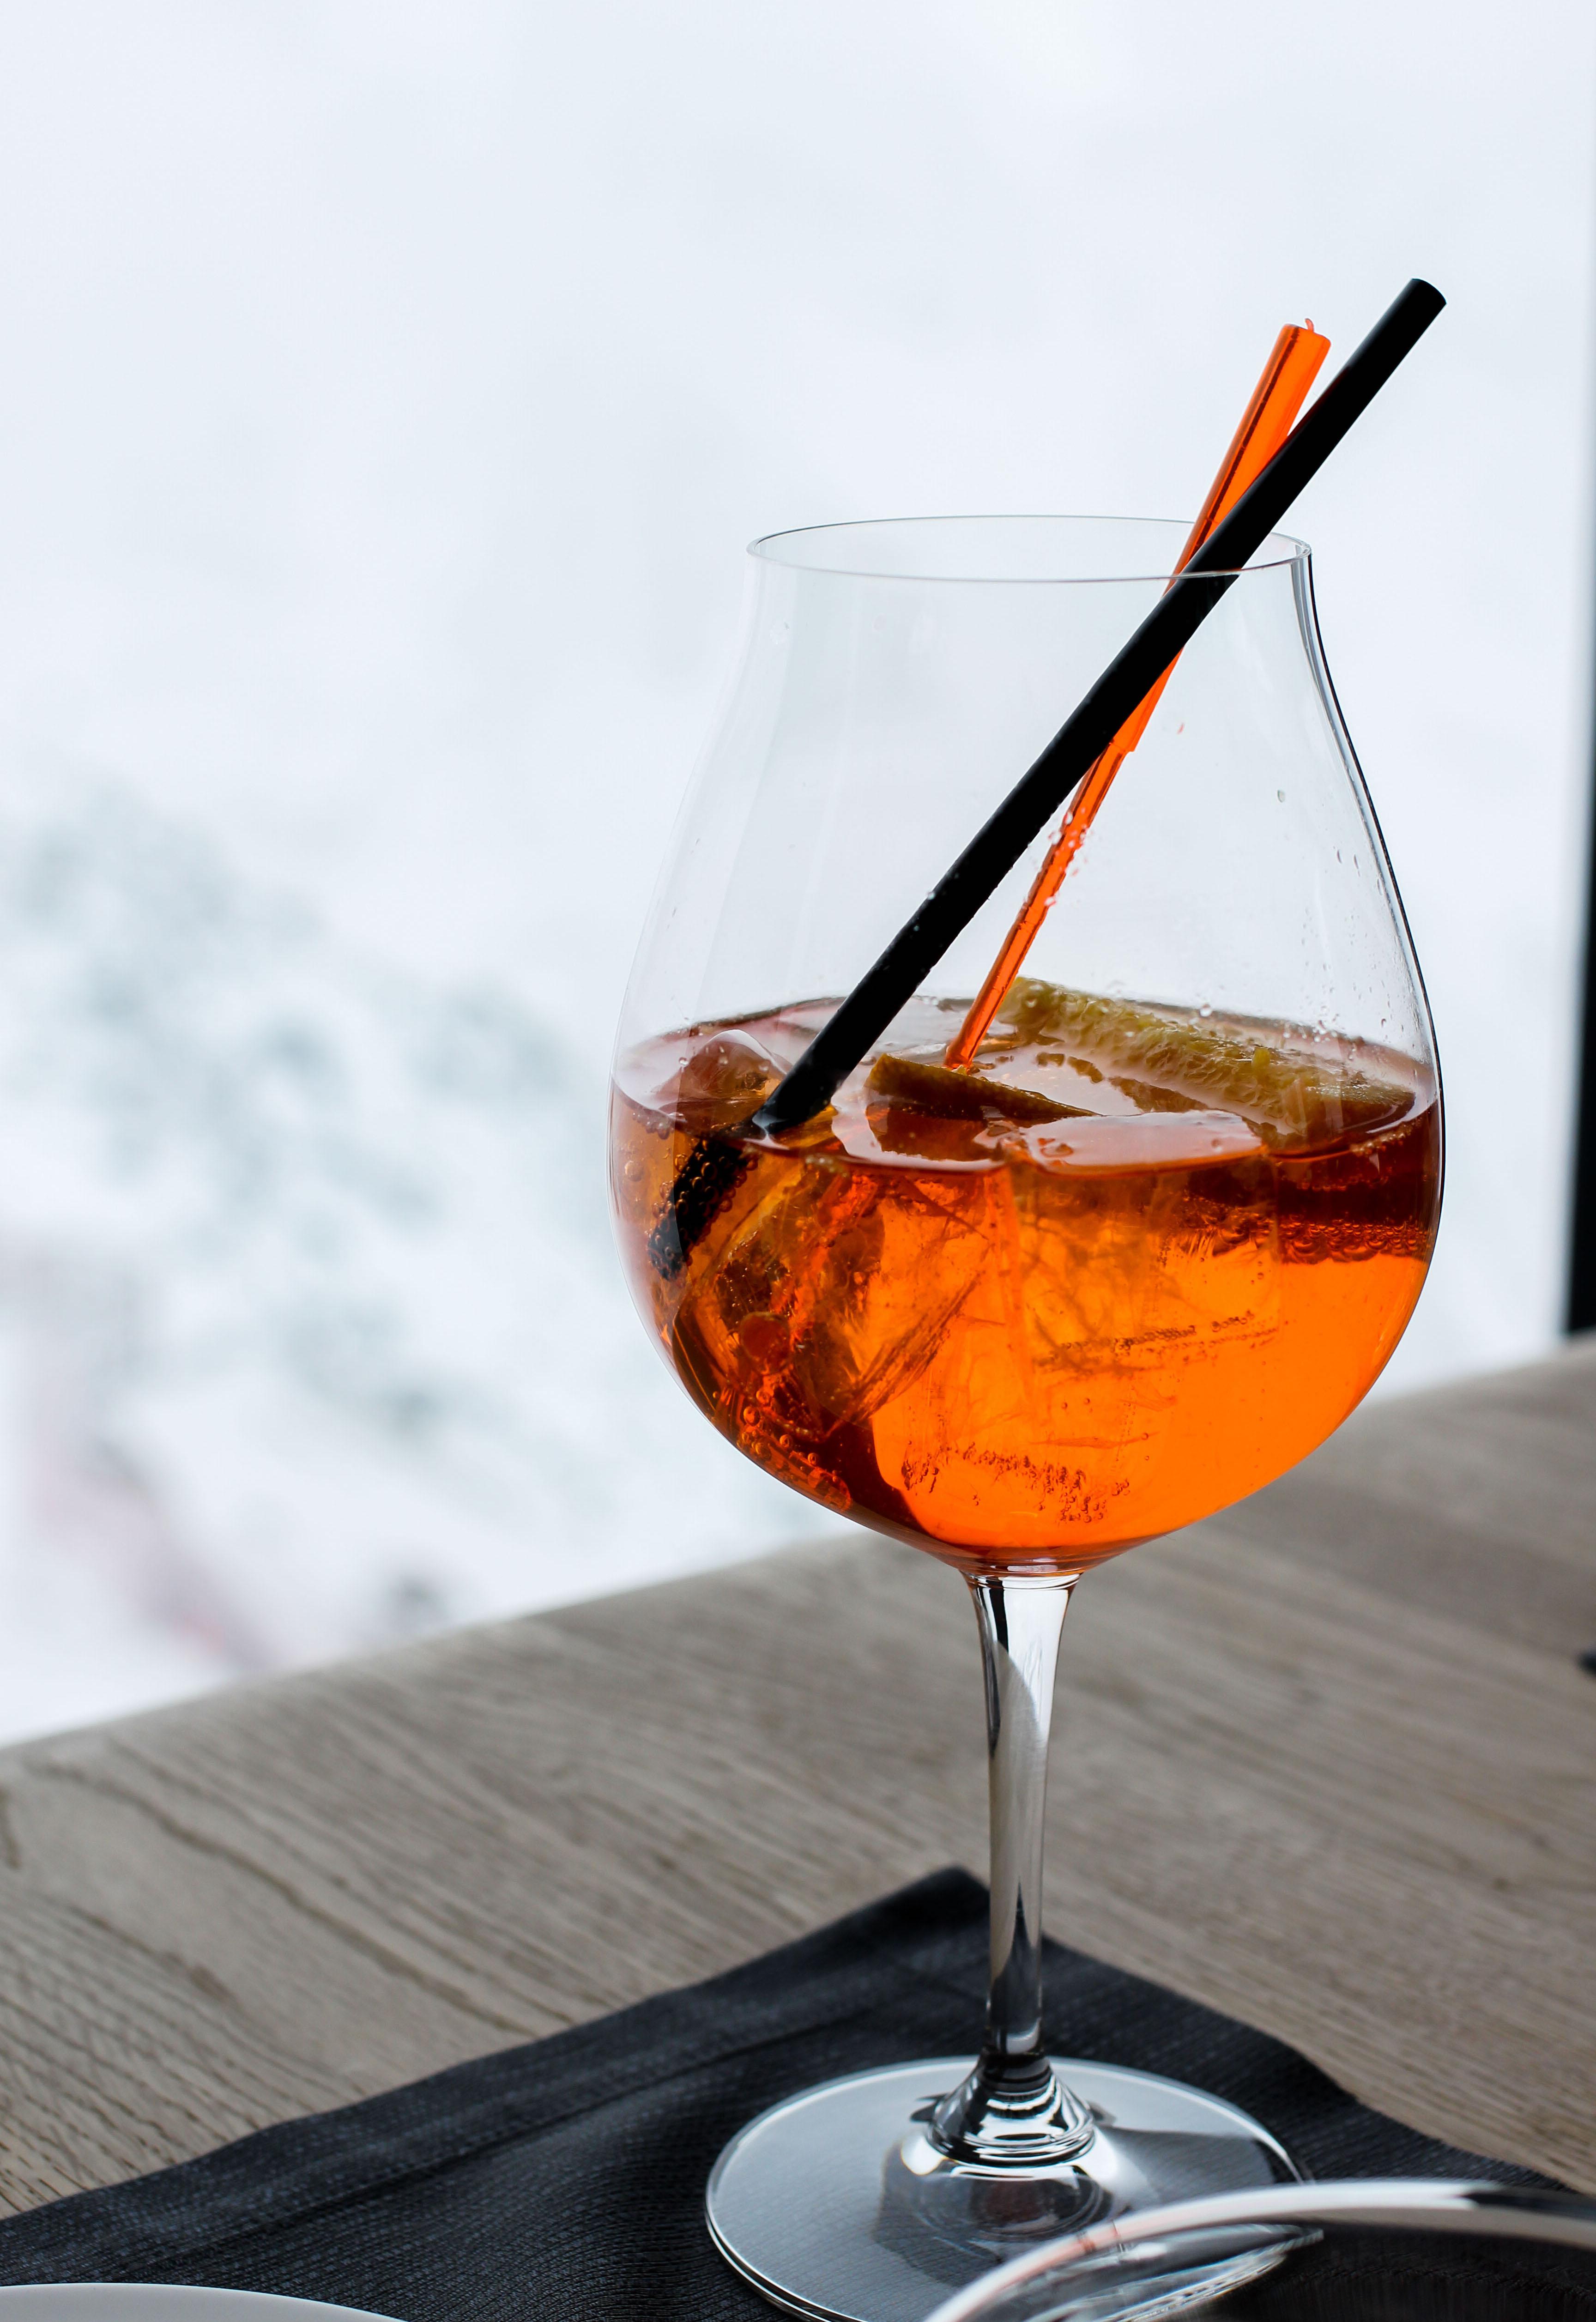 Gourmet-Restaurant Gipfelaussicht Berge Schnee Aperol Spritz iceQ Sölden Tirol Österreich James Bond Location Spectre 3000m Gaislachkogl Reiseblog